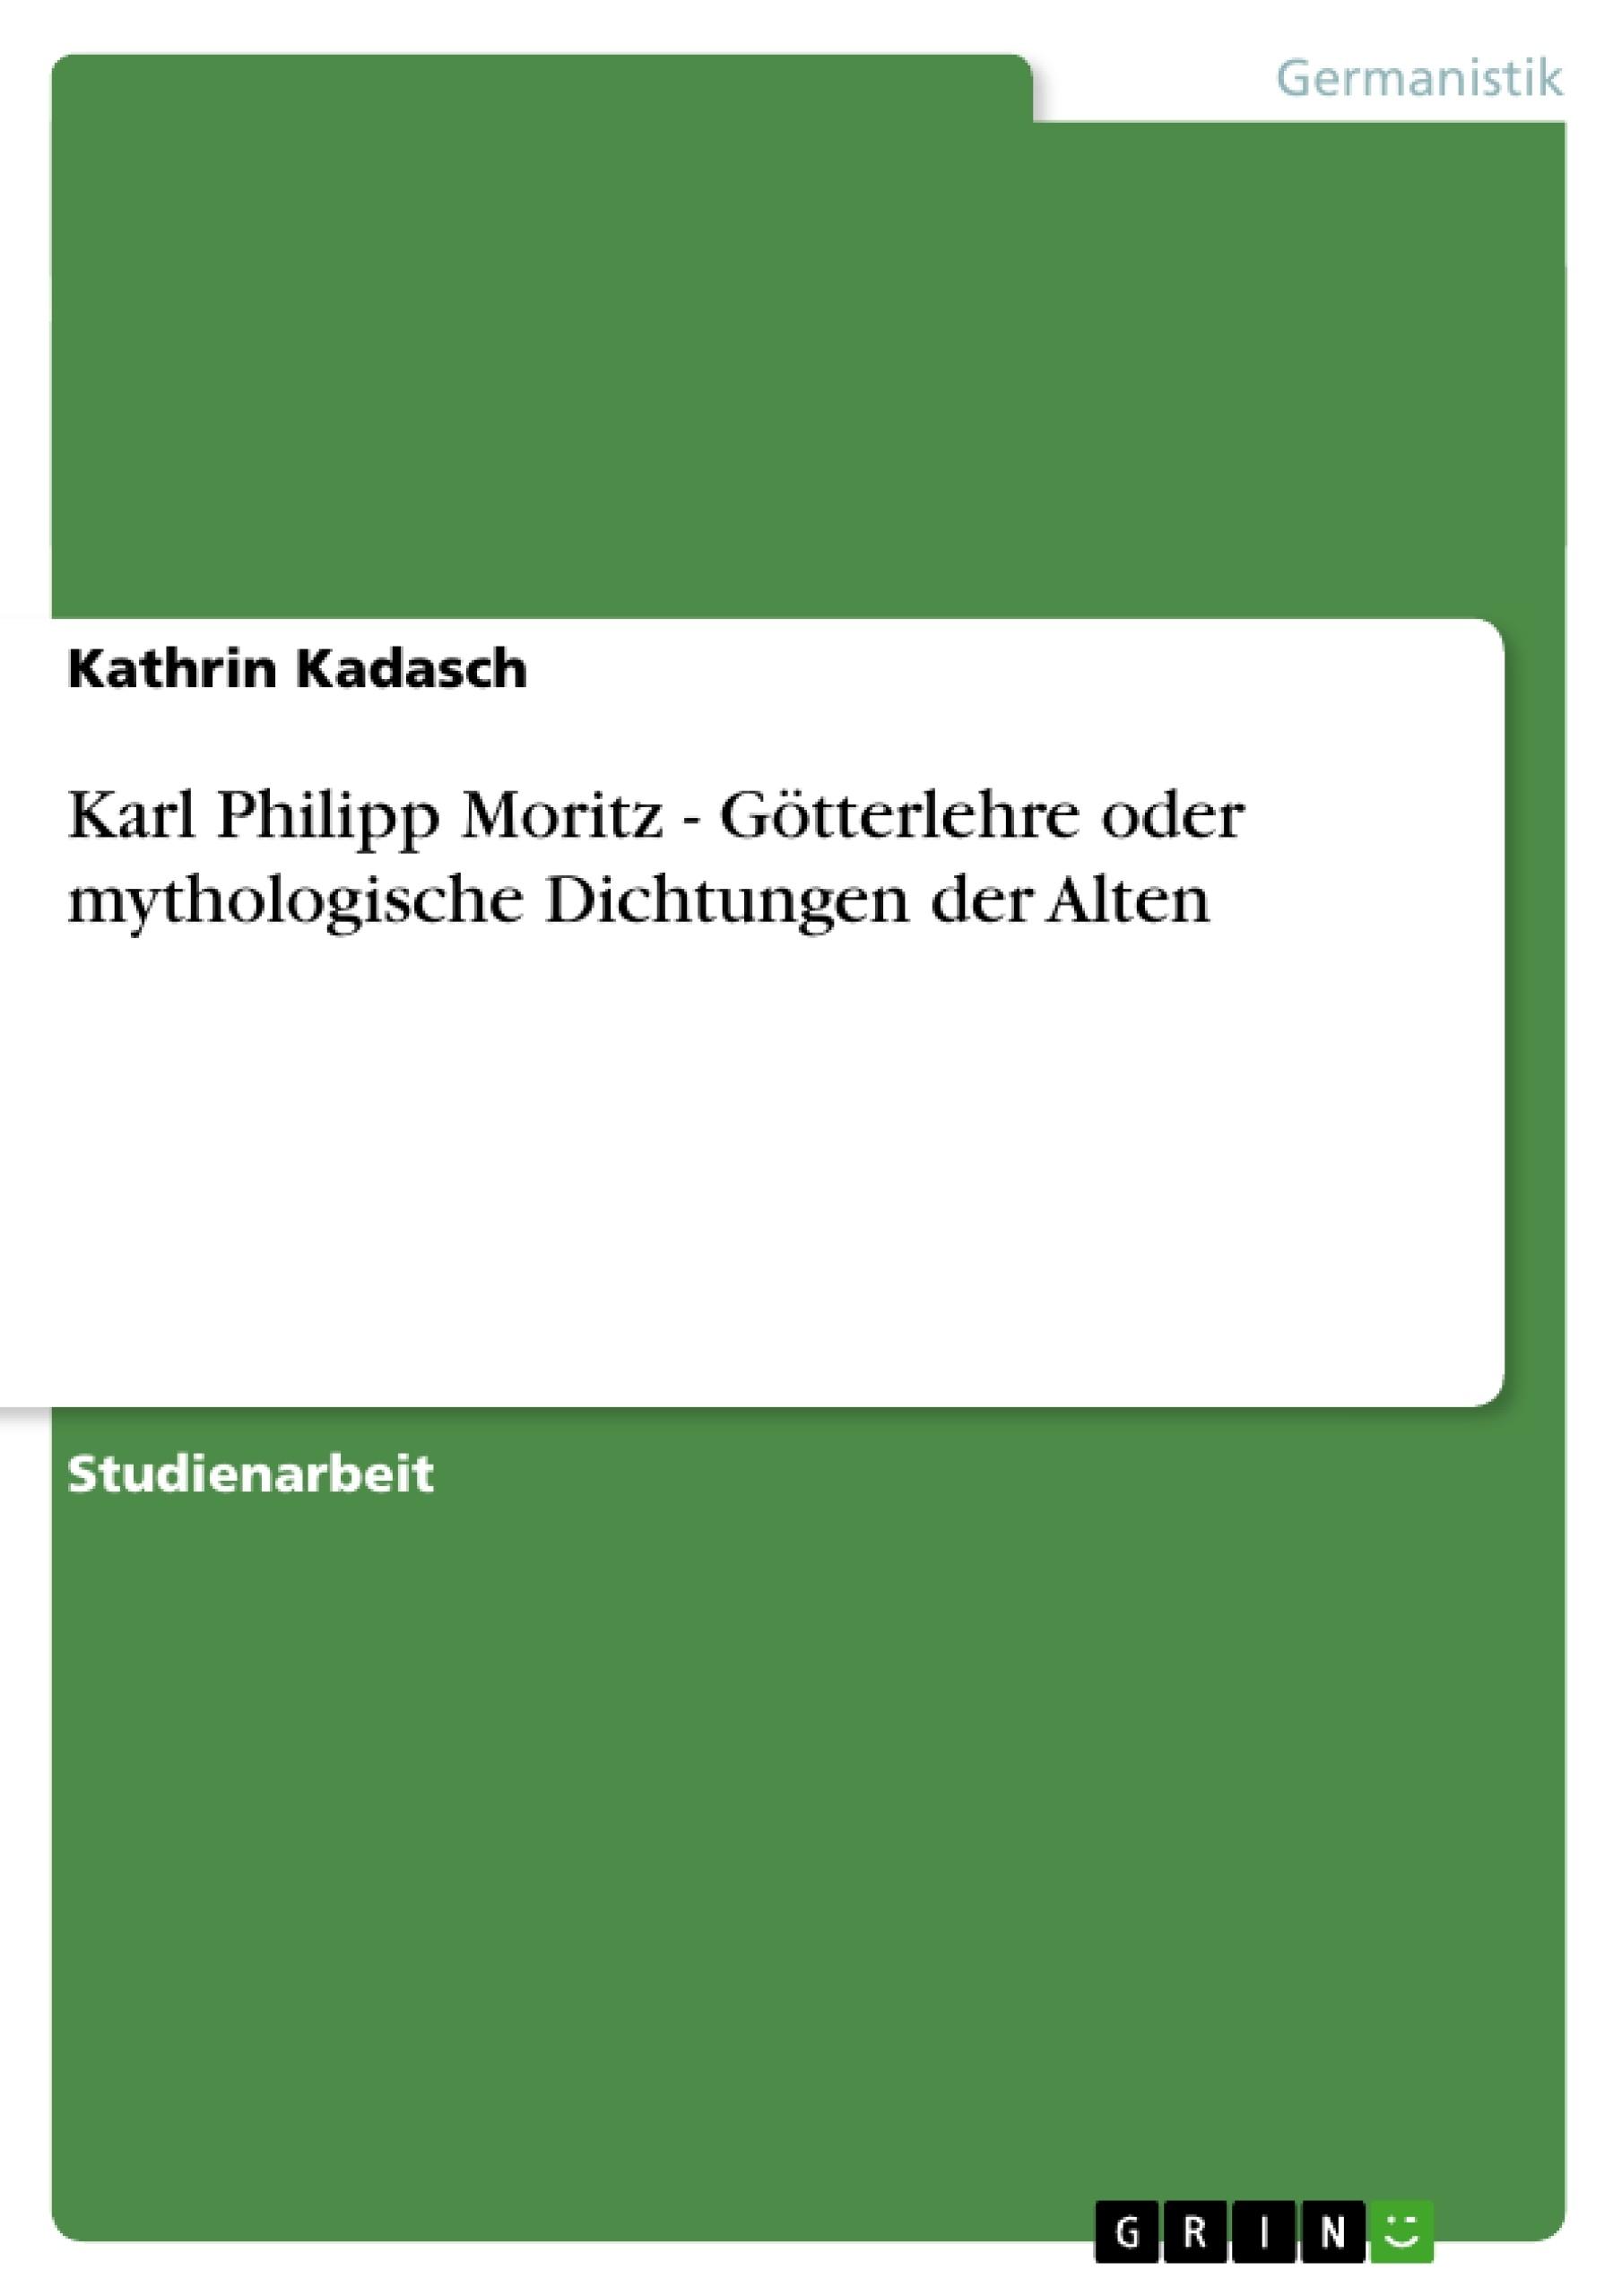 Titel: Karl Philipp Moritz - Götterlehre oder mythologische Dichtungen der Alten